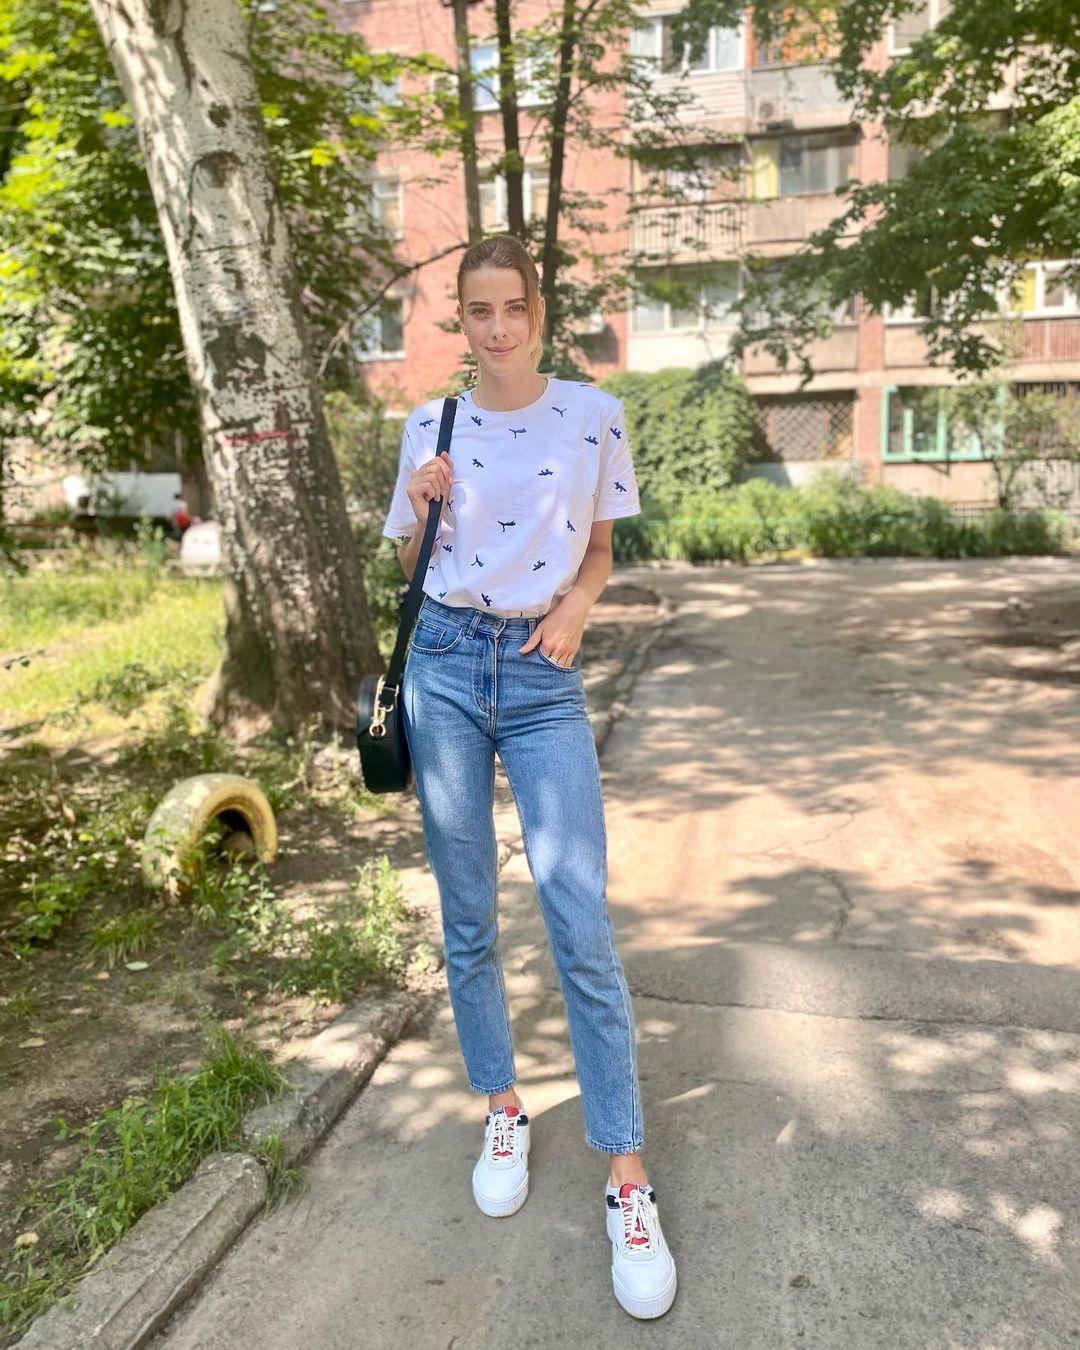 [东奥正妹]乌克兰跳高美少女刷新世界纪录 修长美腿有着绝对优势 养眼图片 第8张